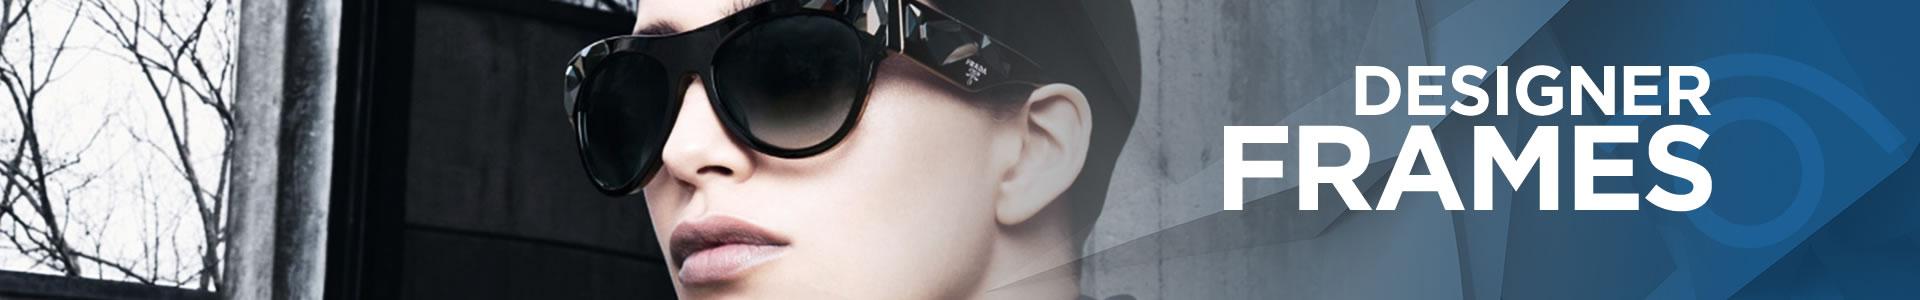 67e4d7b0d38 Designer Frames - Wise Eyes Optical   Vision Center - Expert Eye ...